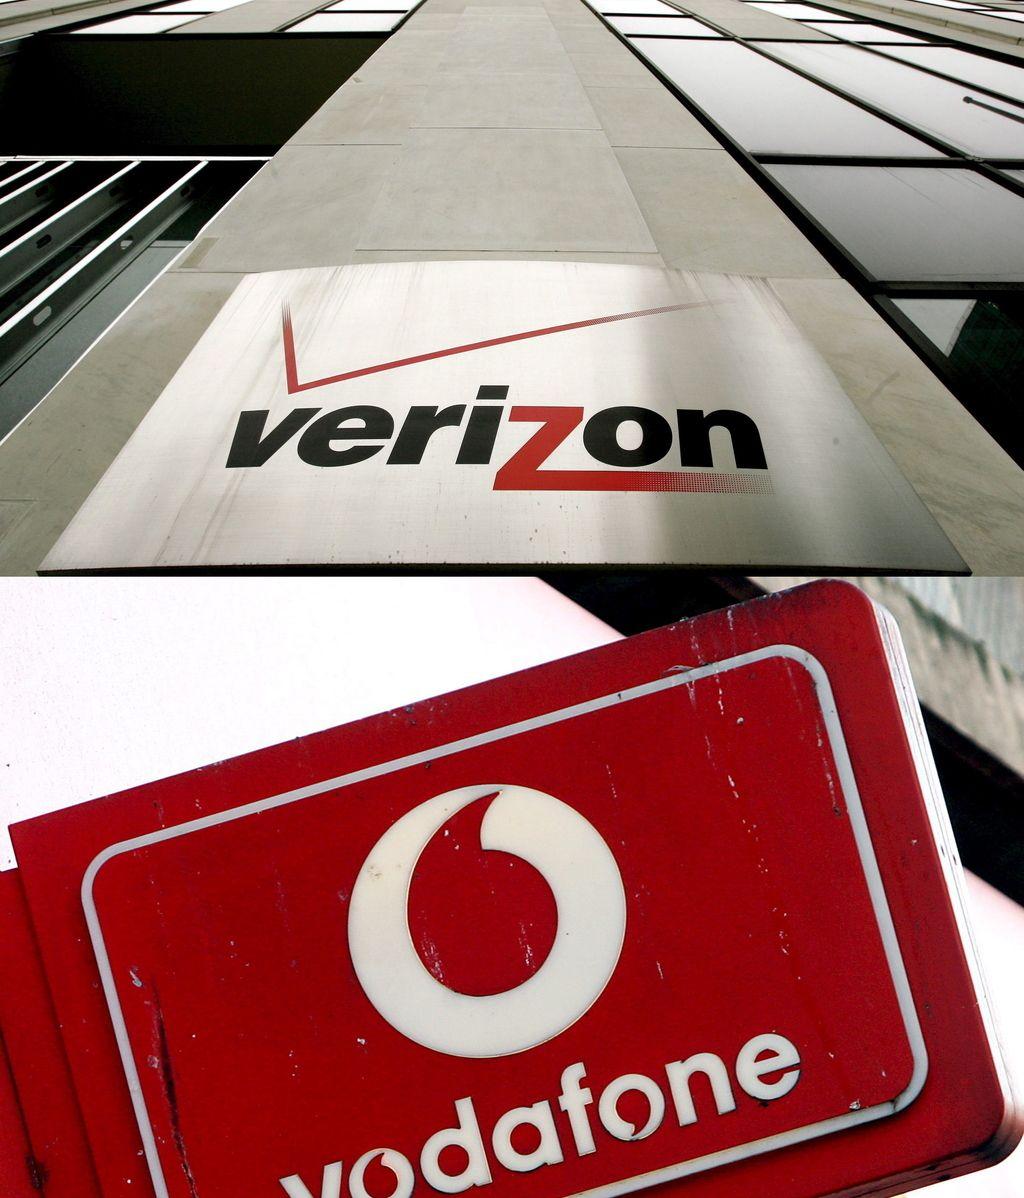 Verizon y Vodafone anunciarían un acuerdo por 98.417 millones de euros